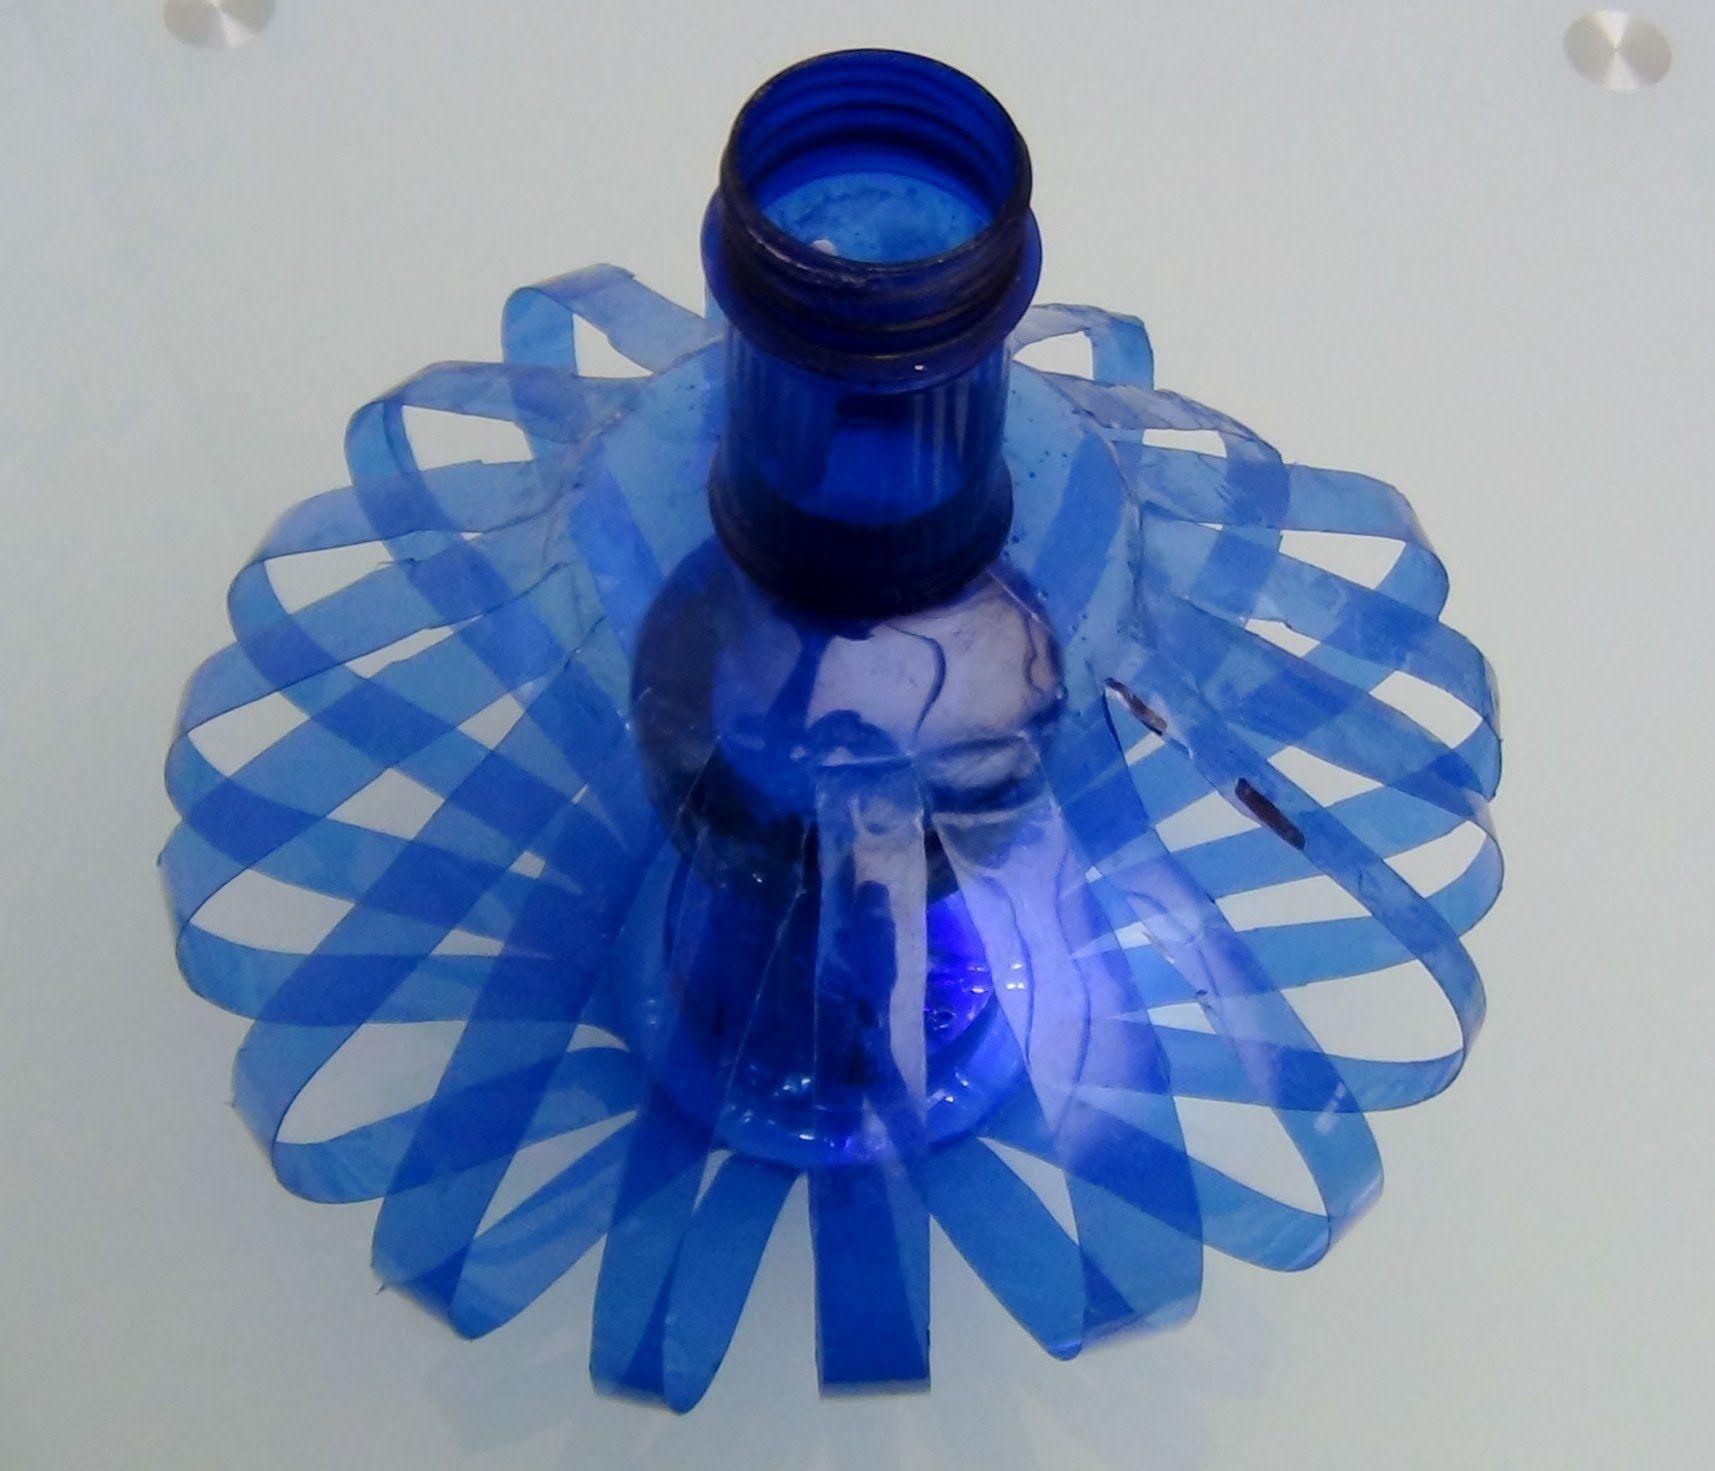 C mo hacer una l mpara reciclando botellas de pl stico how to recycle inside plastic - Que manualidades puedo hacer ...